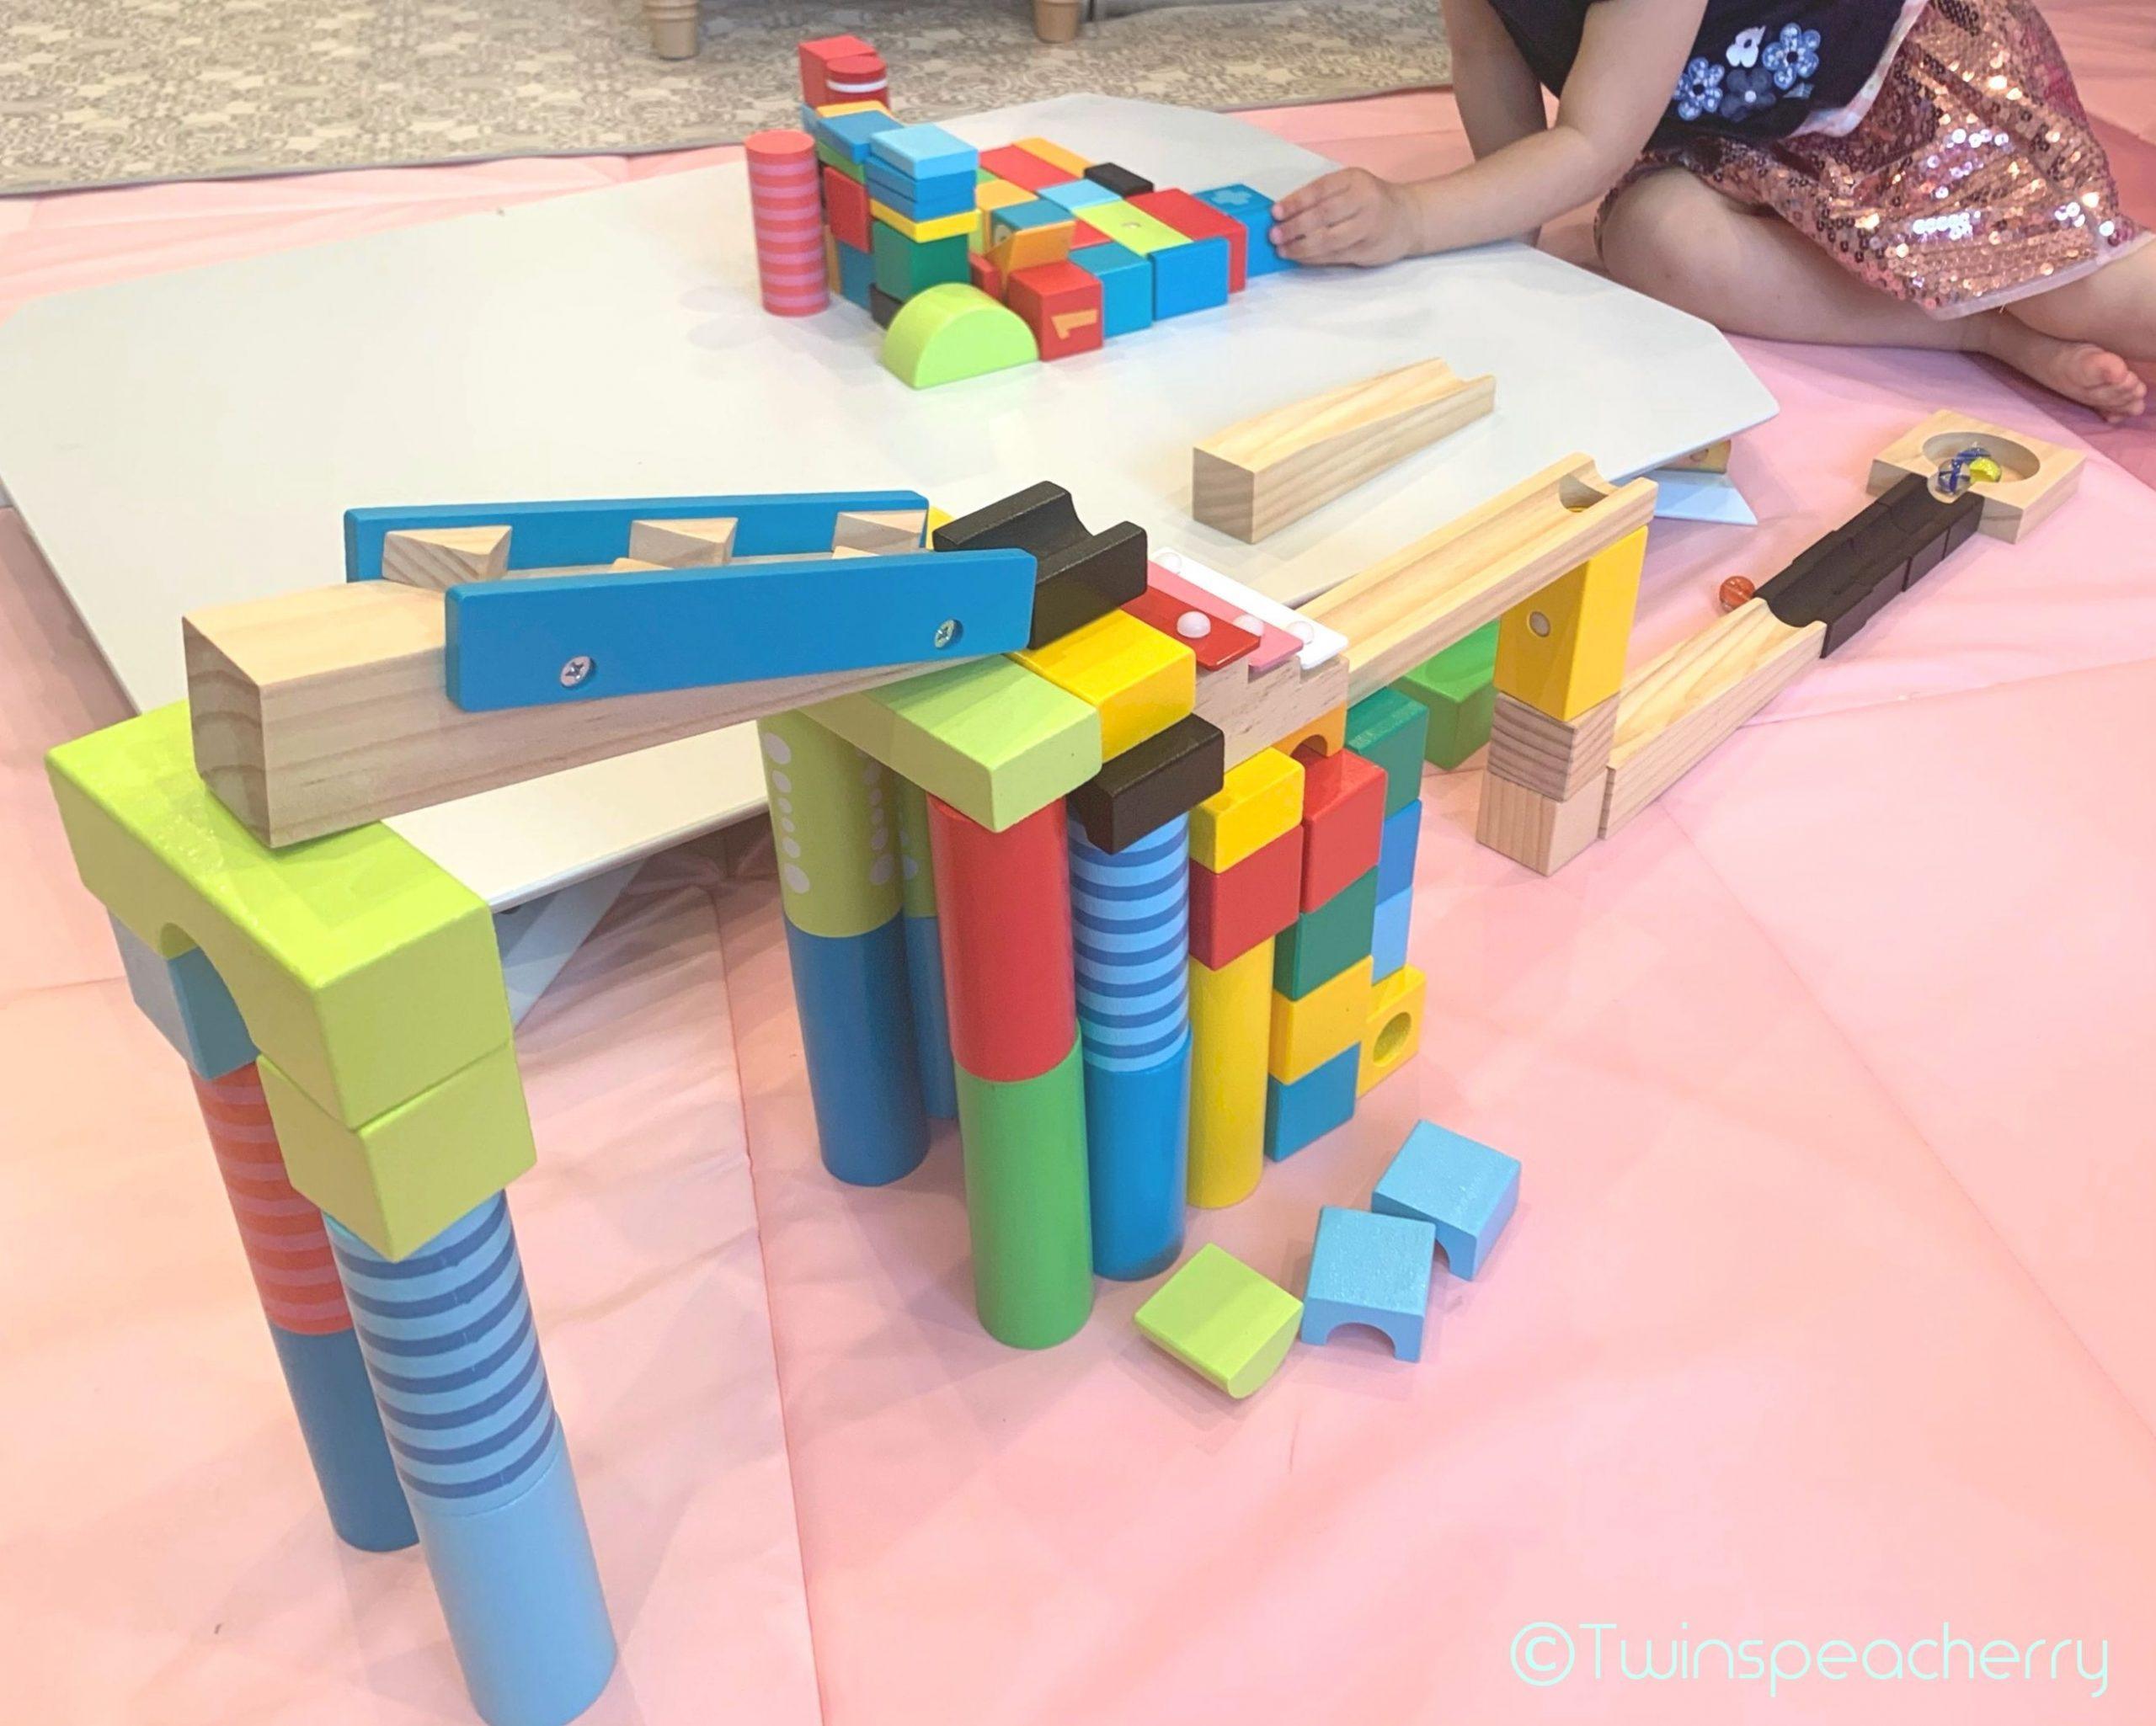 【双子4歳‐知育おもちゃ】ピタゴラスイッチみたいな積み木200ピースで遊んでみた!大人も楽しい☆(ベビーザらス イマジナリウム 木製DXカラフルビー玉 ころがしつみきセット)